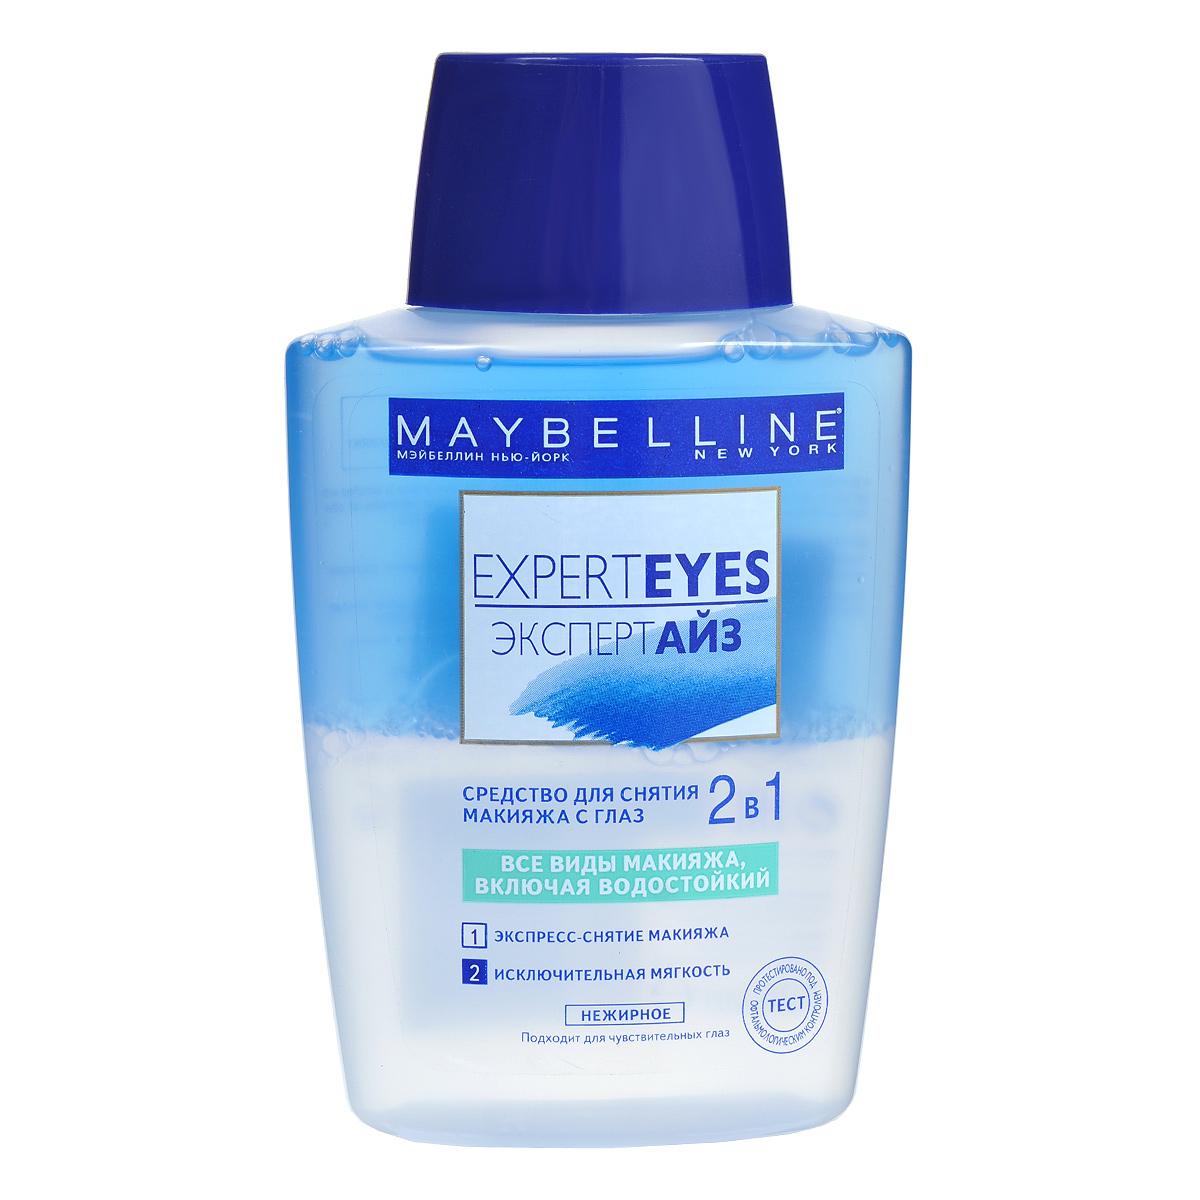 Maybelline New York Средство для снятия макияжа с глаз 2 в 1 ExpertEyes, двухфазное, 125 млB1535400ГОЛУБОЙ СЛОЙ обогащен мягкими очищающими маслами, поэтому мгновенно снимает даже самый стойкий макияж. ПРОЗРАЧНЫЙ НИЖНИЙ СЛОЙ – на водной основе, снимает остатки макияжа, делая кожу век свежей и отдохнувшей.Средство снимает все виды макияжа, включая водойстойкий. Подходит для чувствительных глаз, протестирован и одобрен офтальмологами. Перед использованием средства смешайте два слоя, тщательно встряхнув флакон. 125 мл.